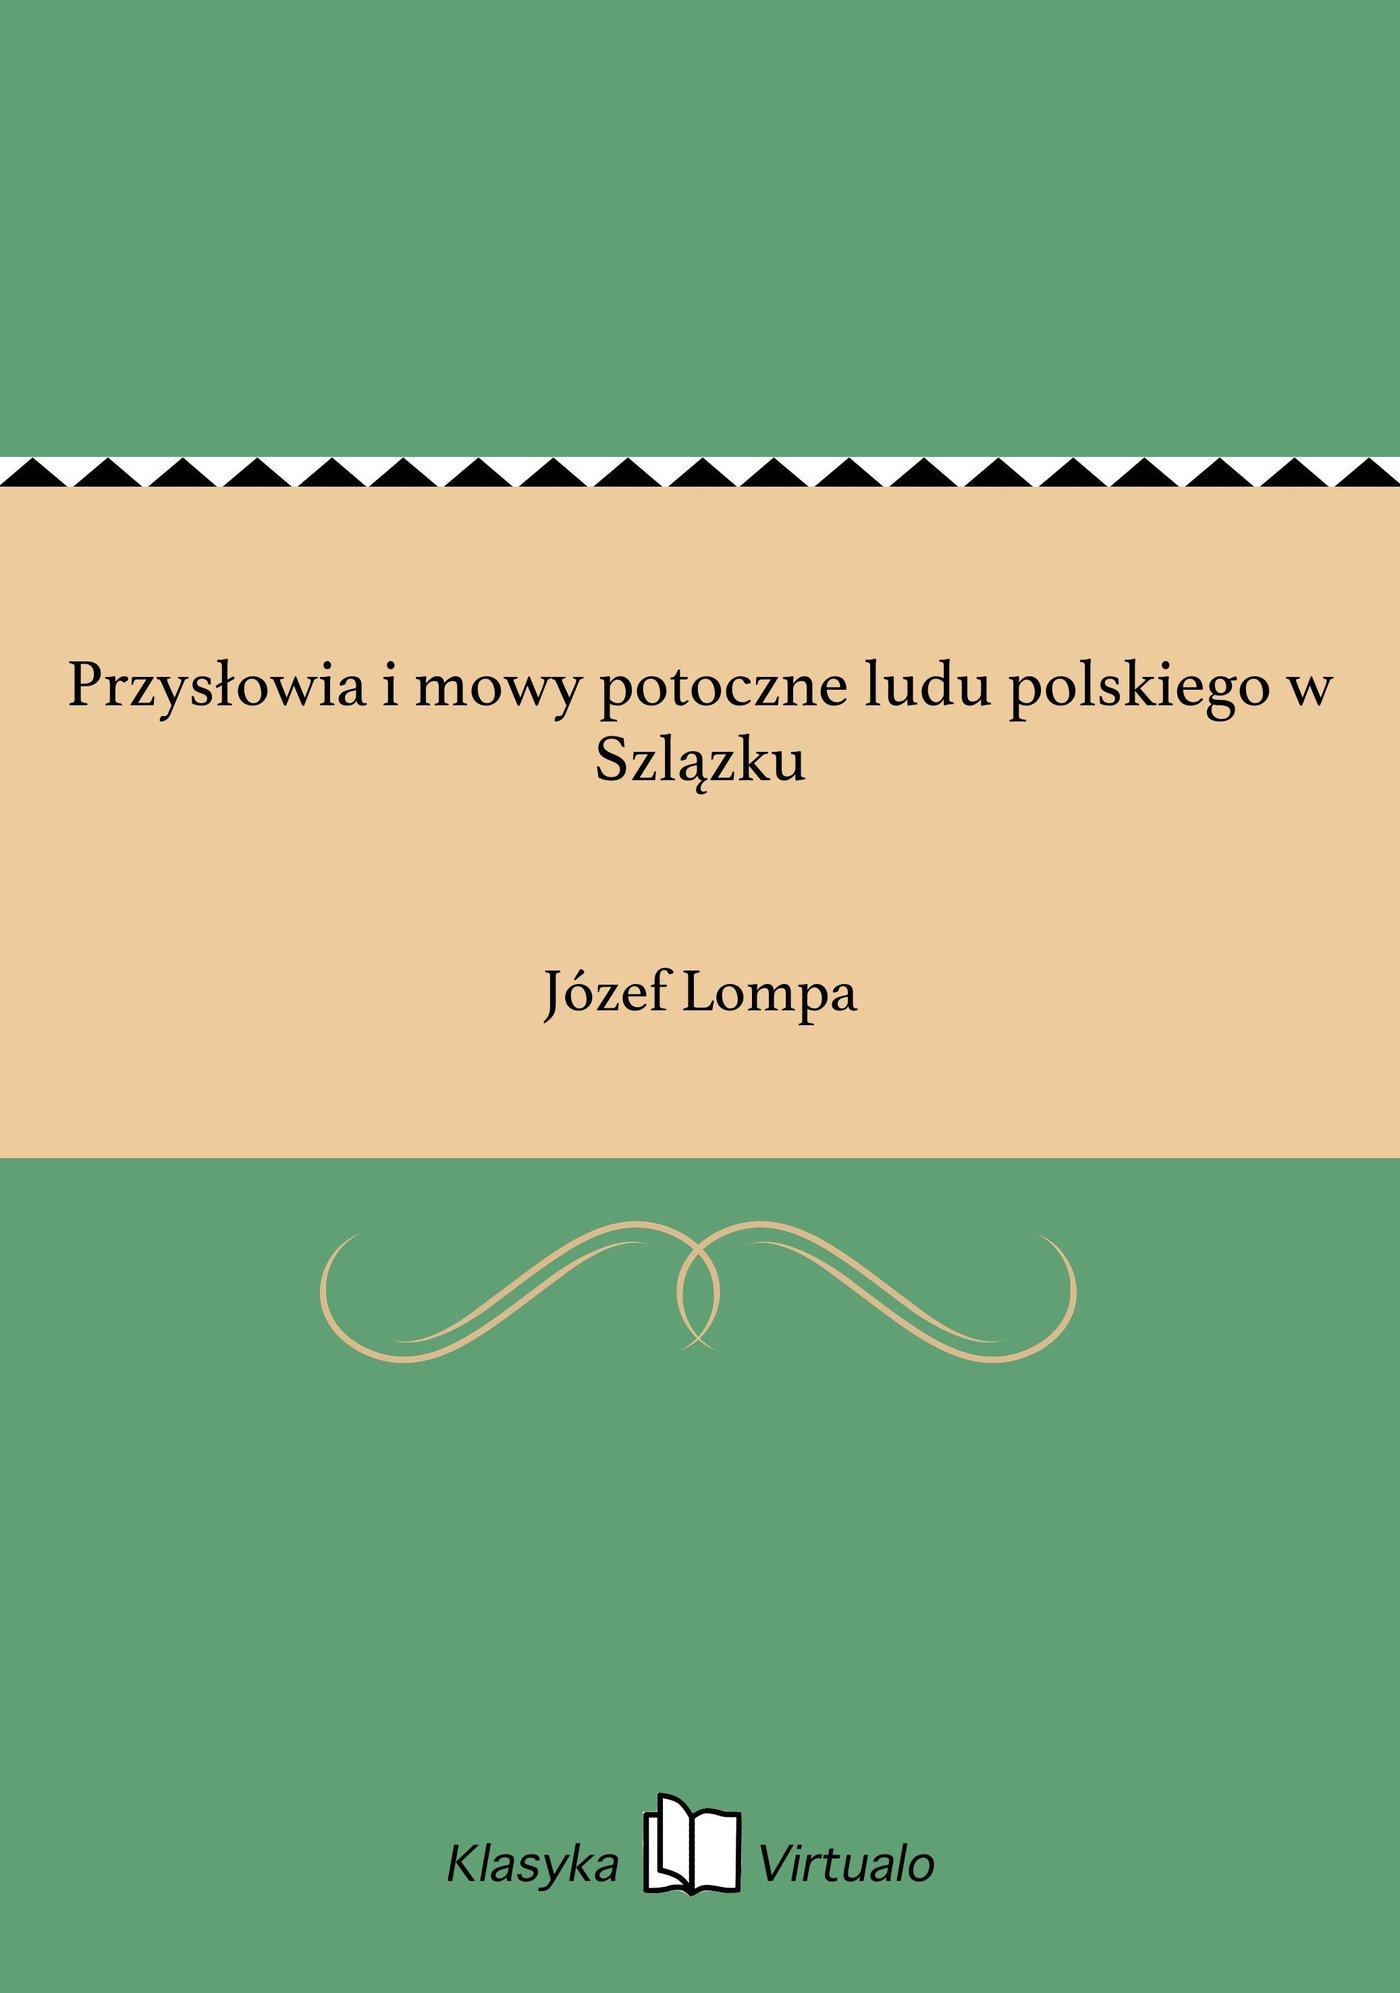 Przysłowia i mowy potoczne ludu polskiego w Szlązku - Ebook (Książka EPUB) do pobrania w formacie EPUB